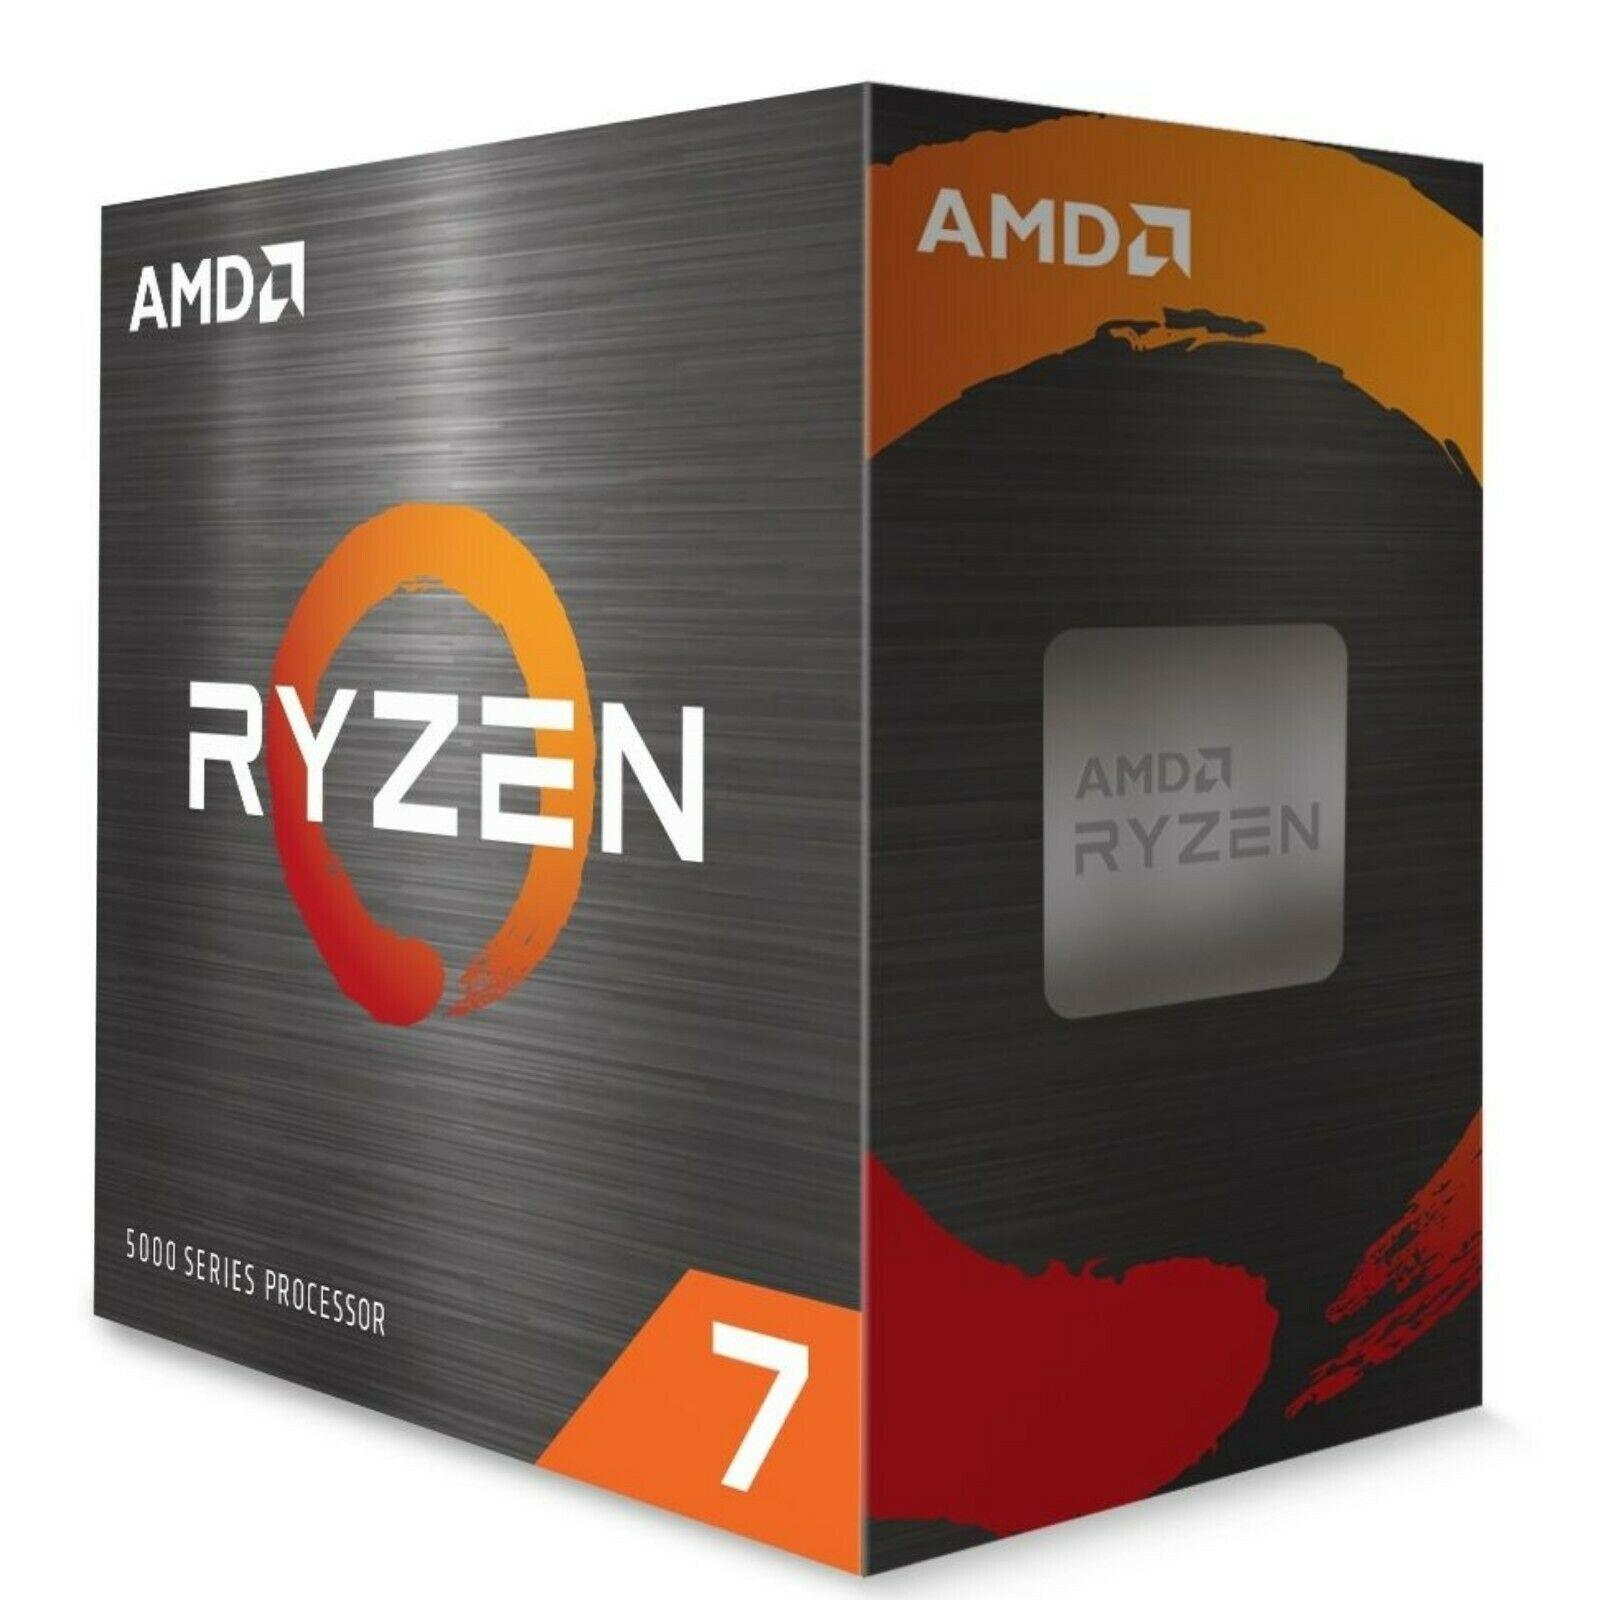 AMD Ryzen 7 5800X 8x 3.80GHz AM4 (Eventuell 5% Cashback)